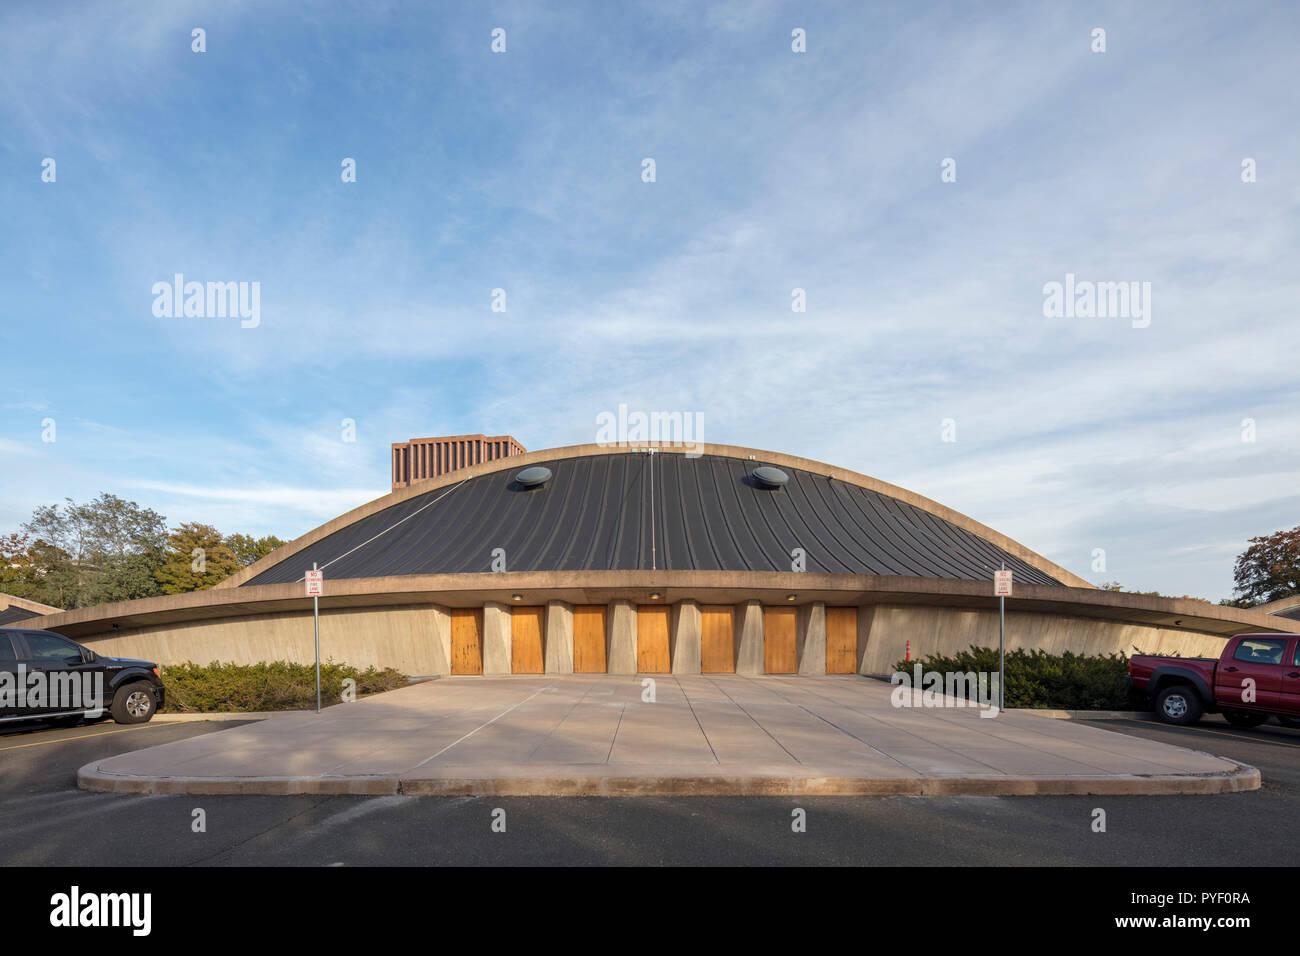 David S. Ingalls hockey hielo a la Universidad de Yale, en New Haven, Connecticut, EE.UU., diseñado por el arquitecto Eero Saarinen, construido entre 1953 y 1958. Foto de stock